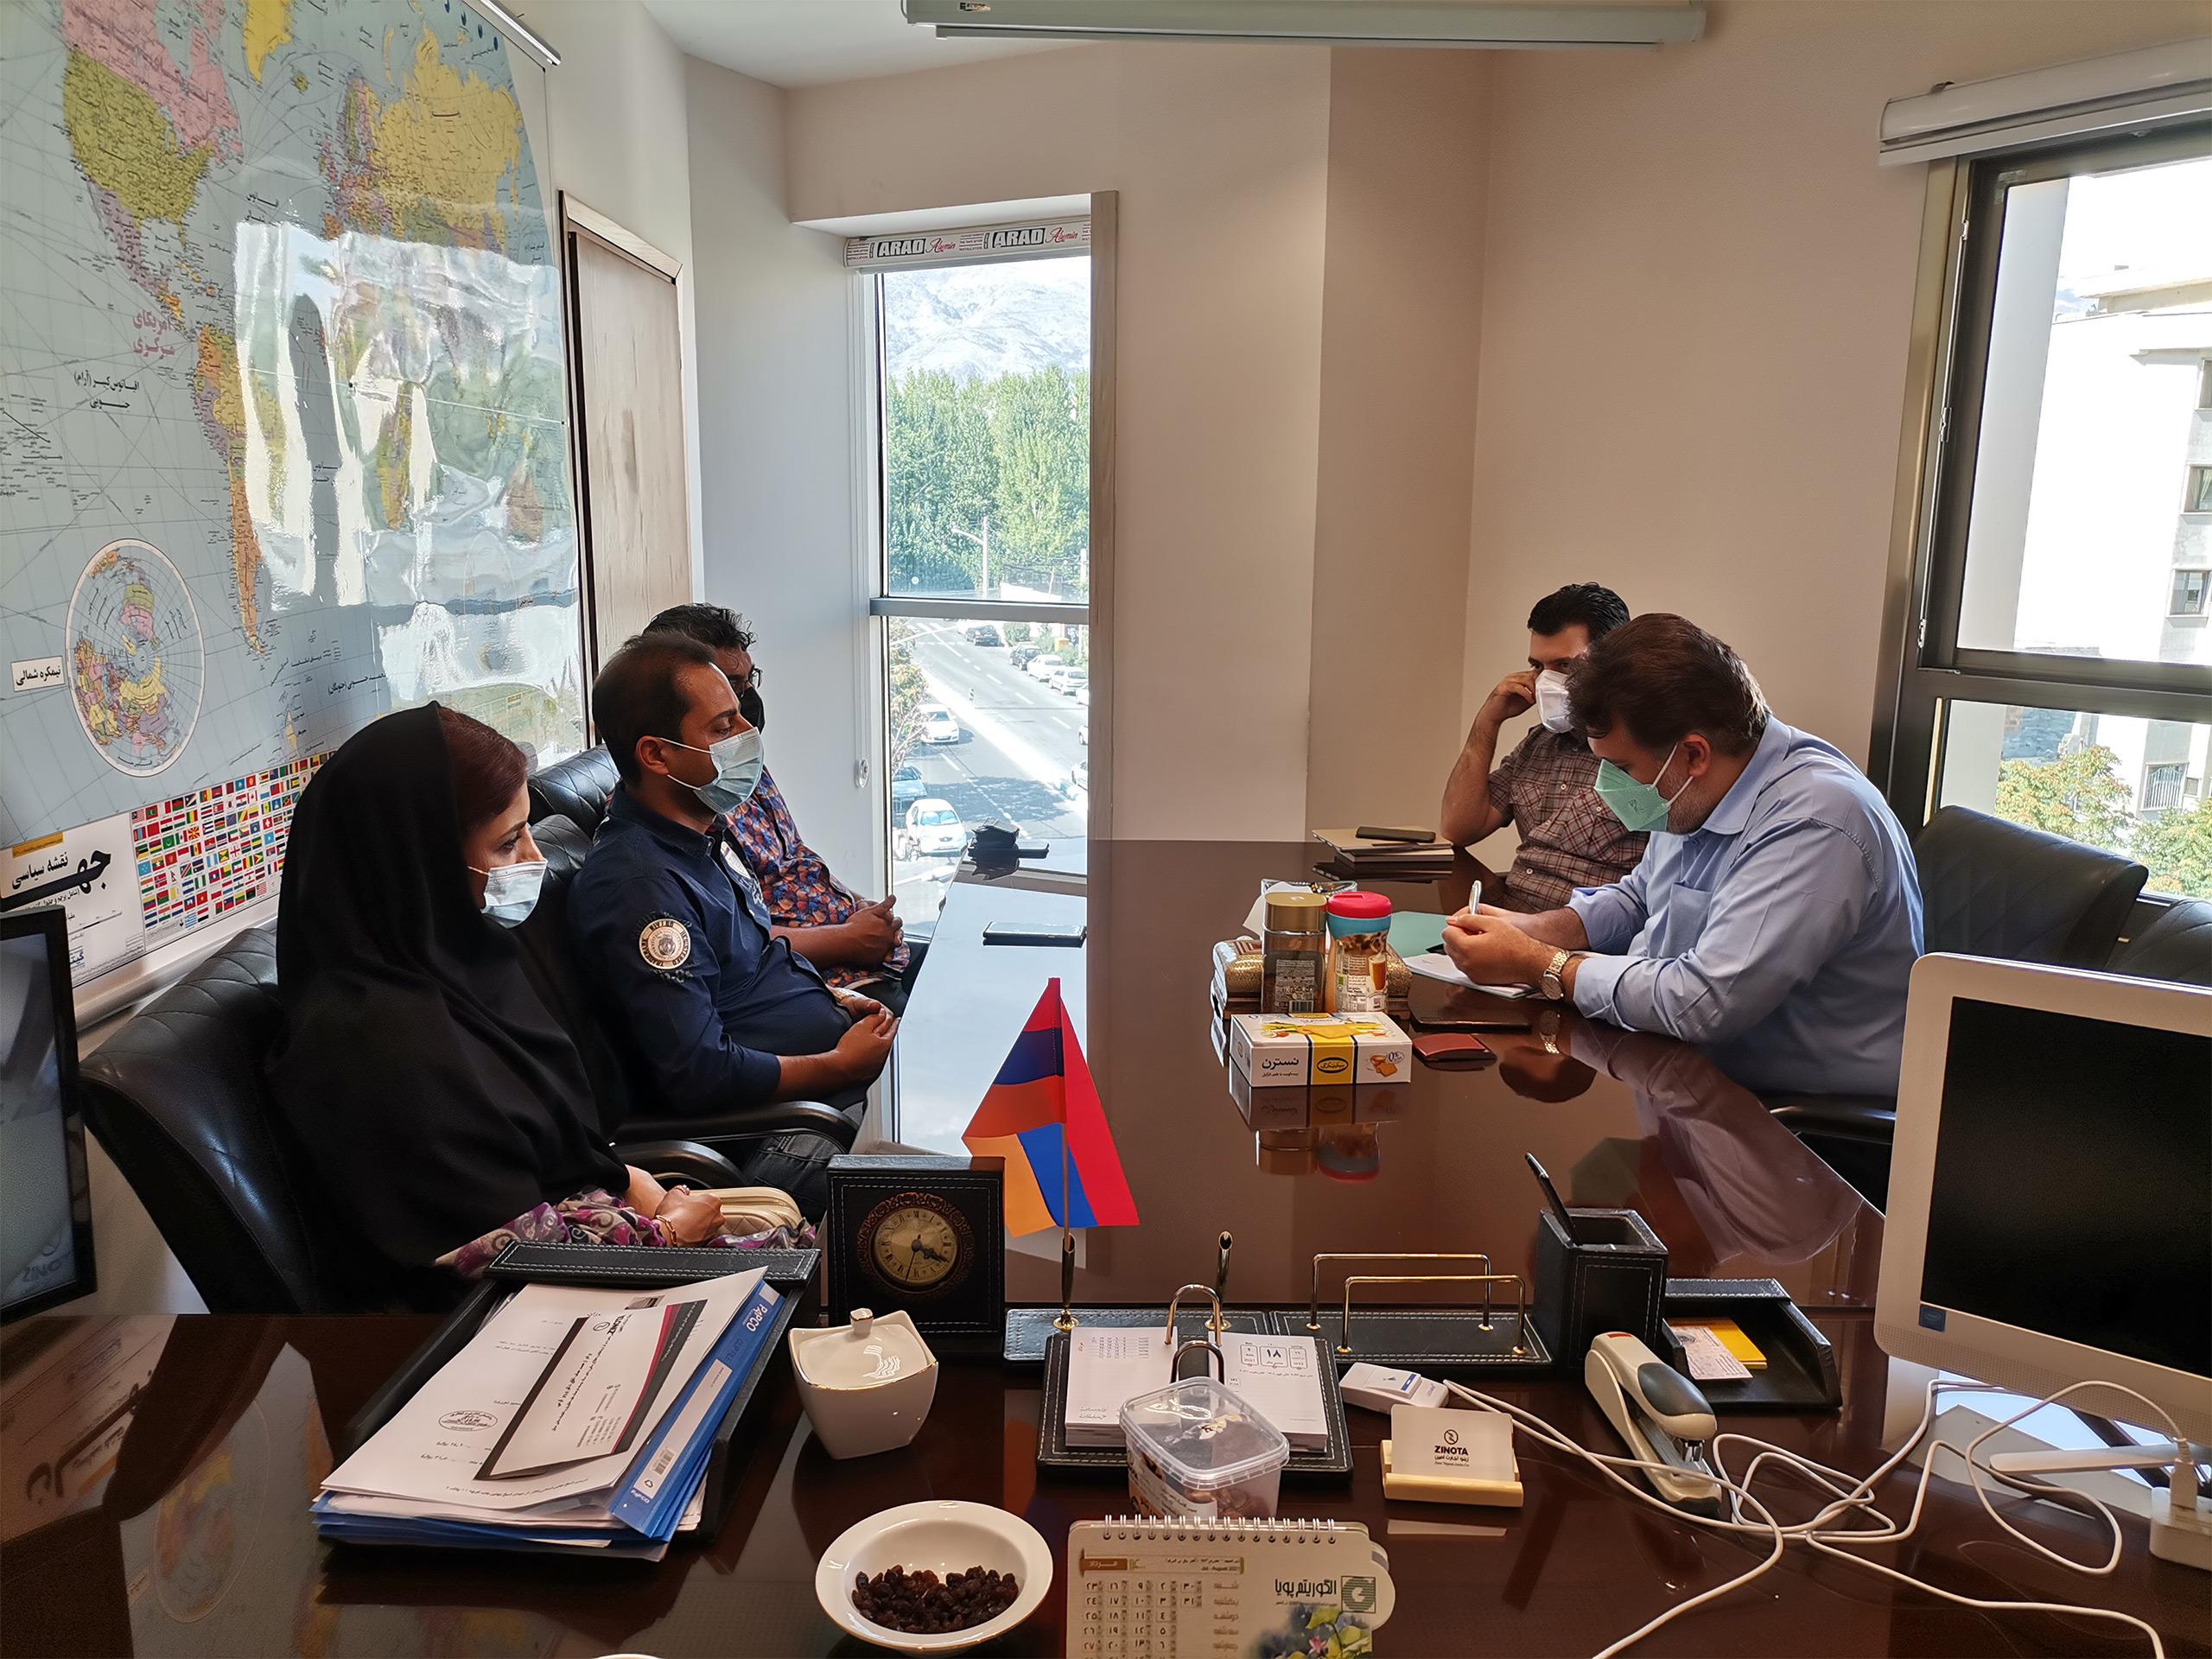 نشست با آقای محسن وحدانی مدیر عامل مجموعه تولیدی ستاره زیبای کوچک ایرانیان